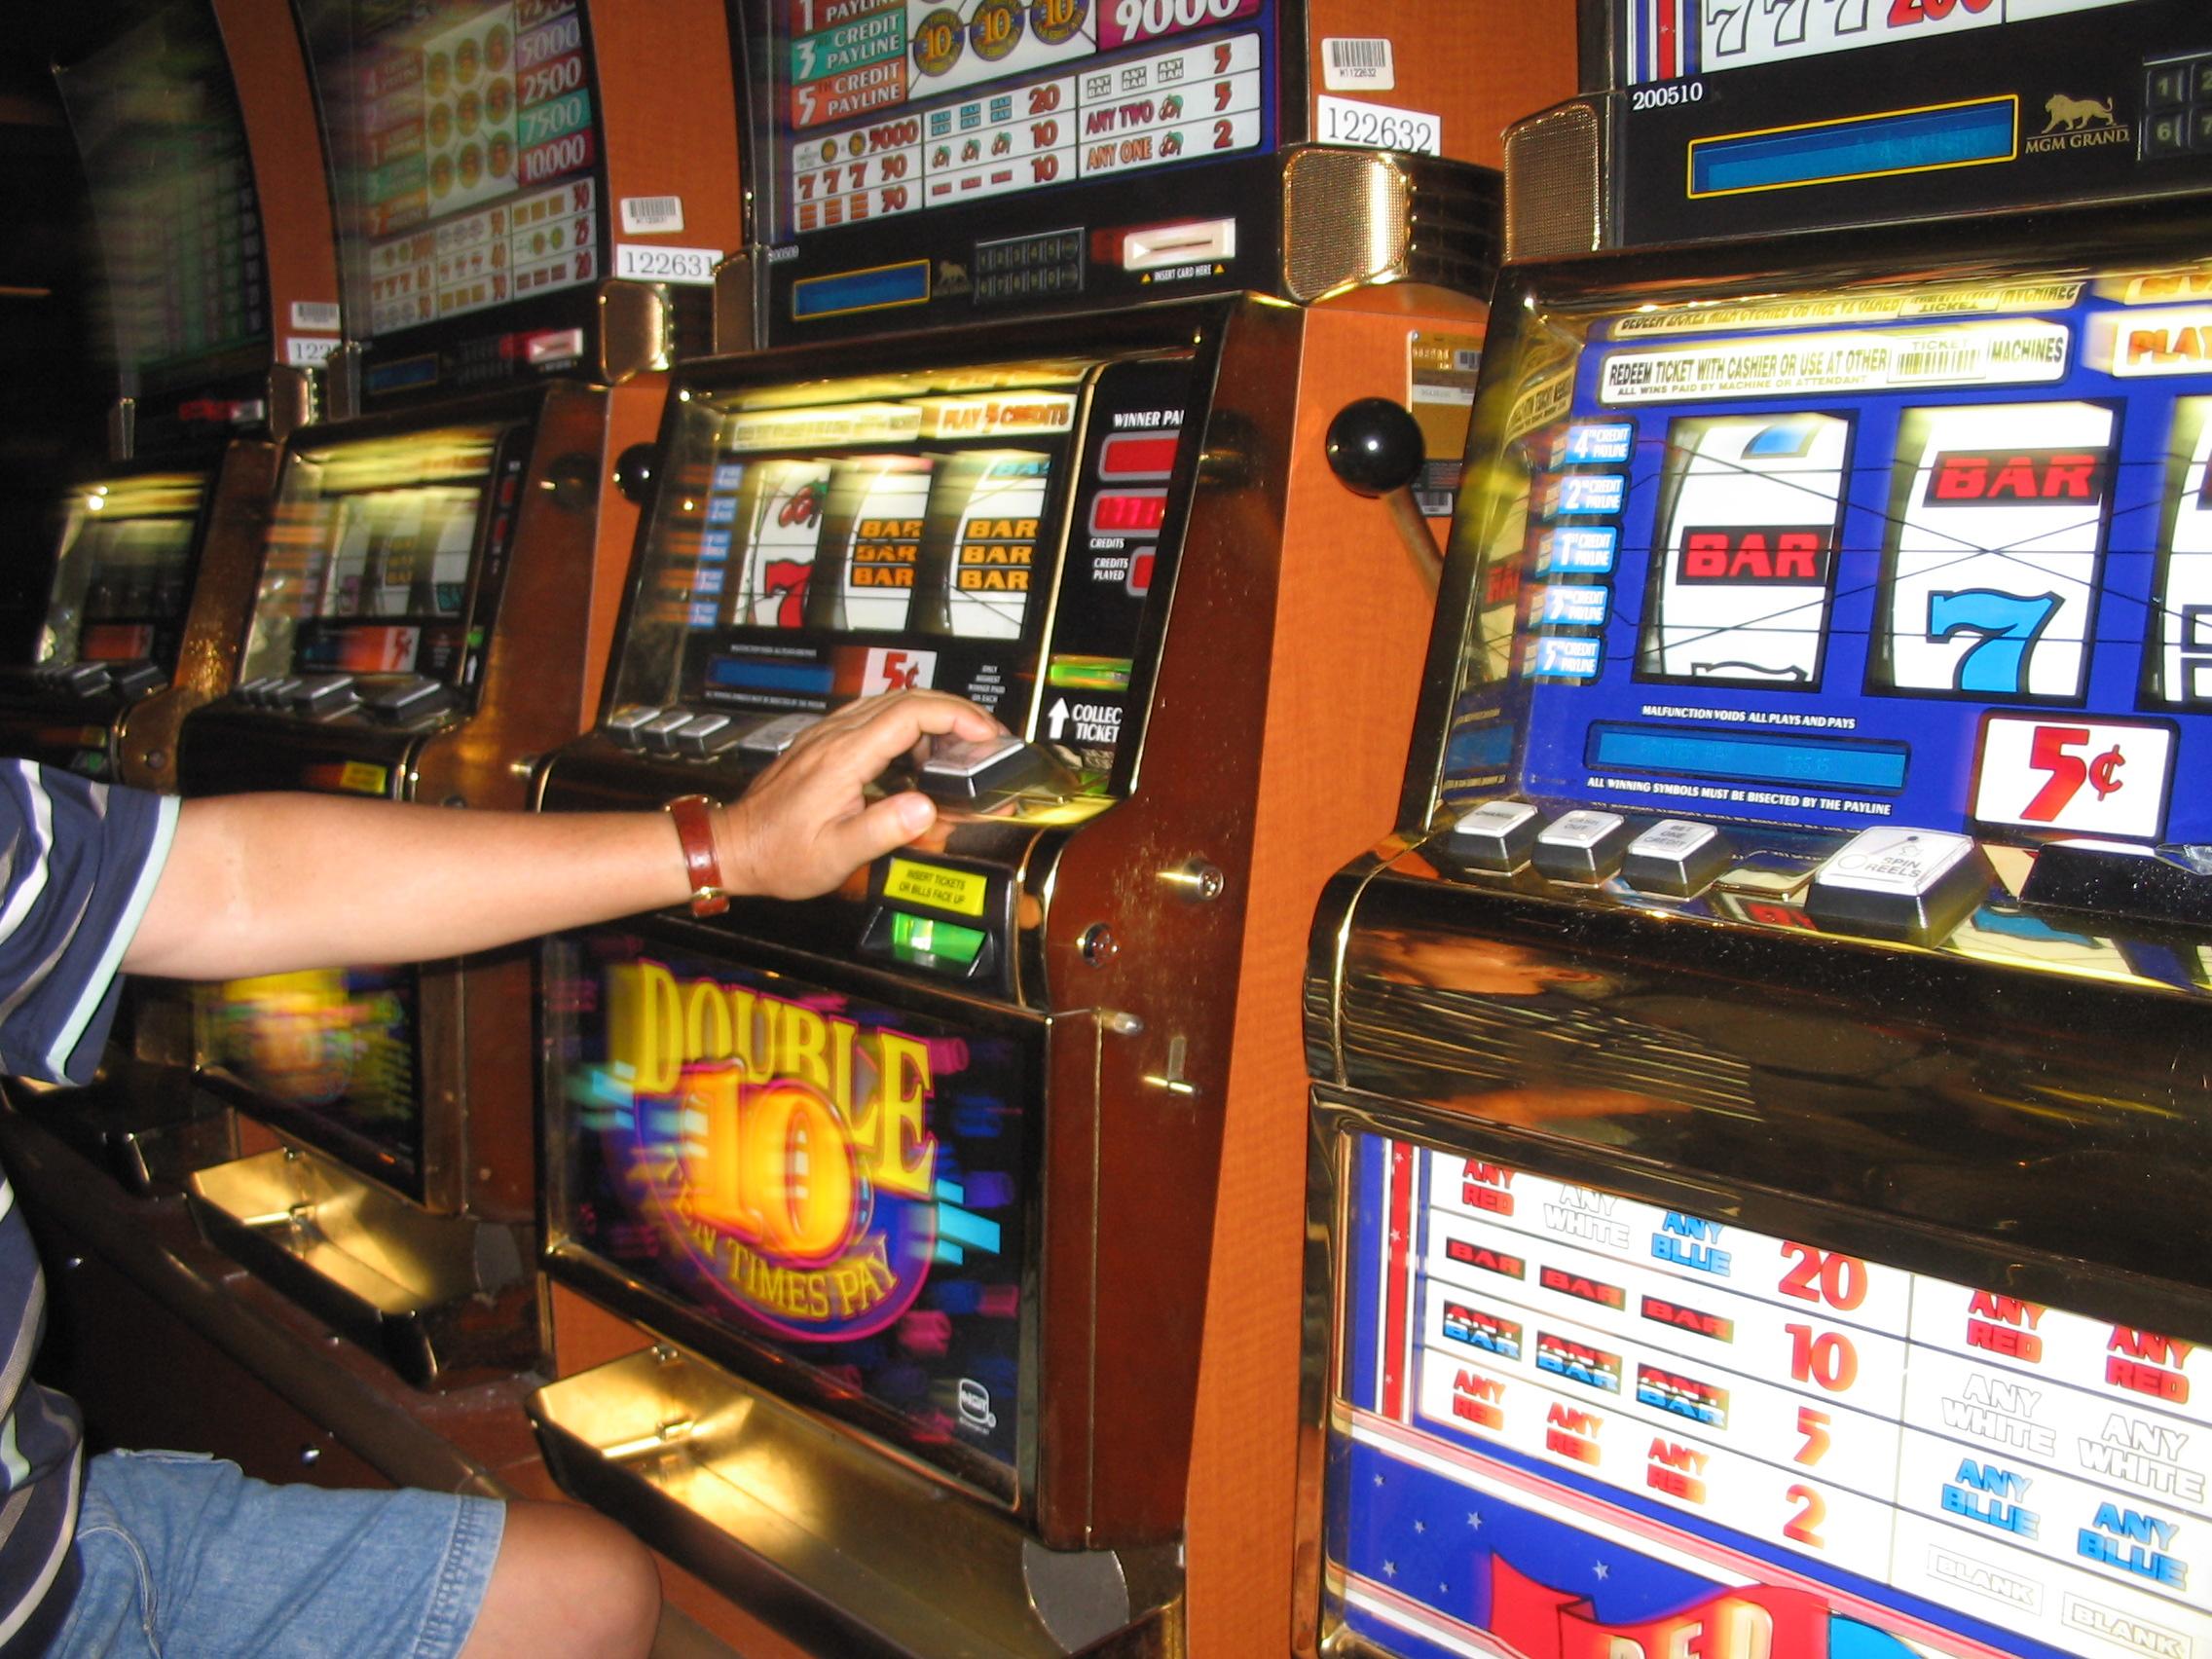 Glücksspielautomaten in der Spielhalle